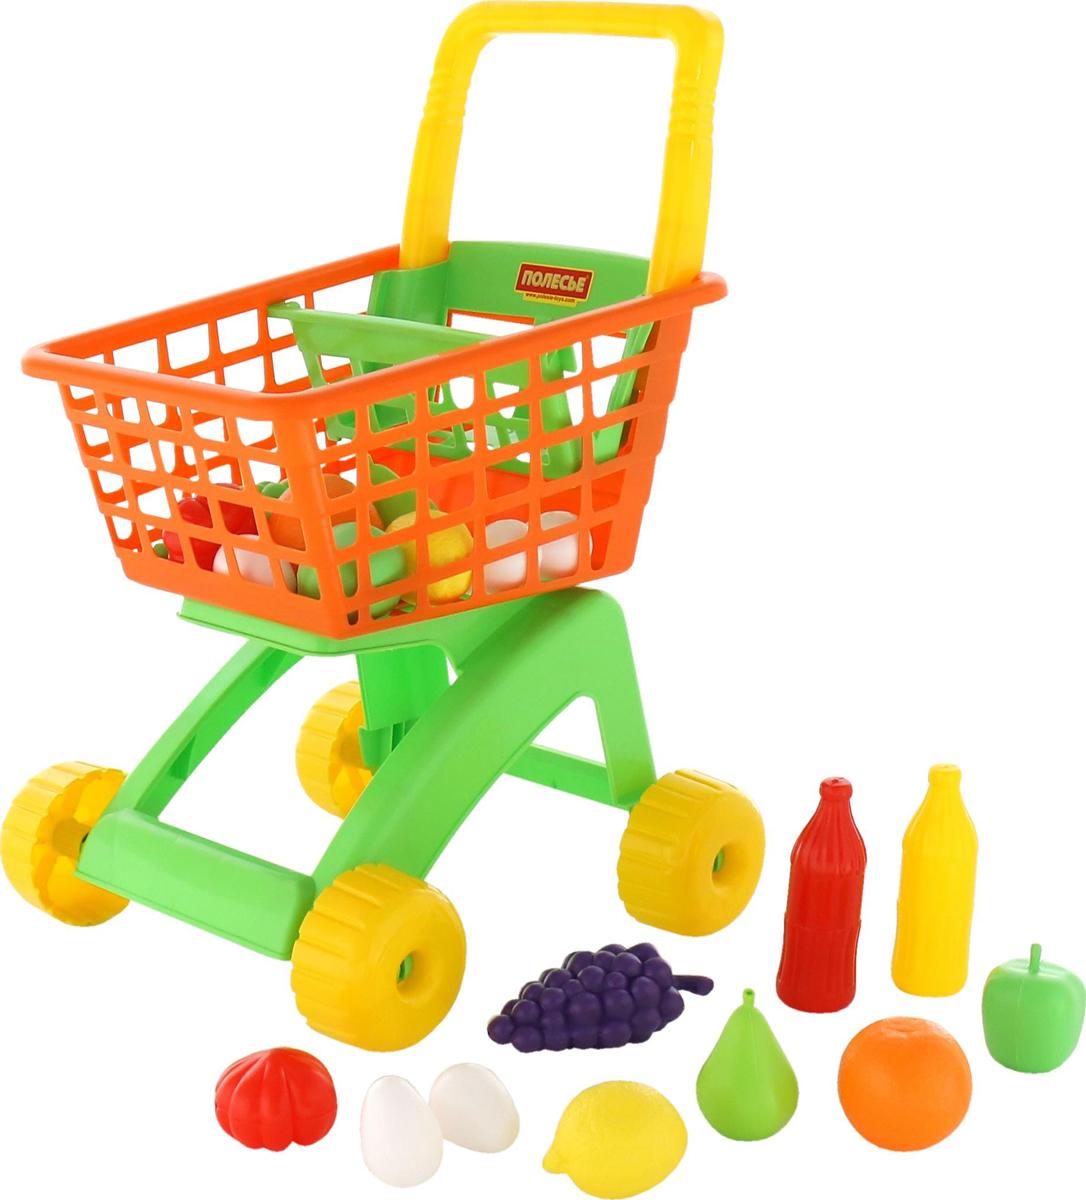 Полесье Игрушечная тележка для магазина набор продуктов № 6 19 предметов ролевые игры совтехстром тележка для супермаркета